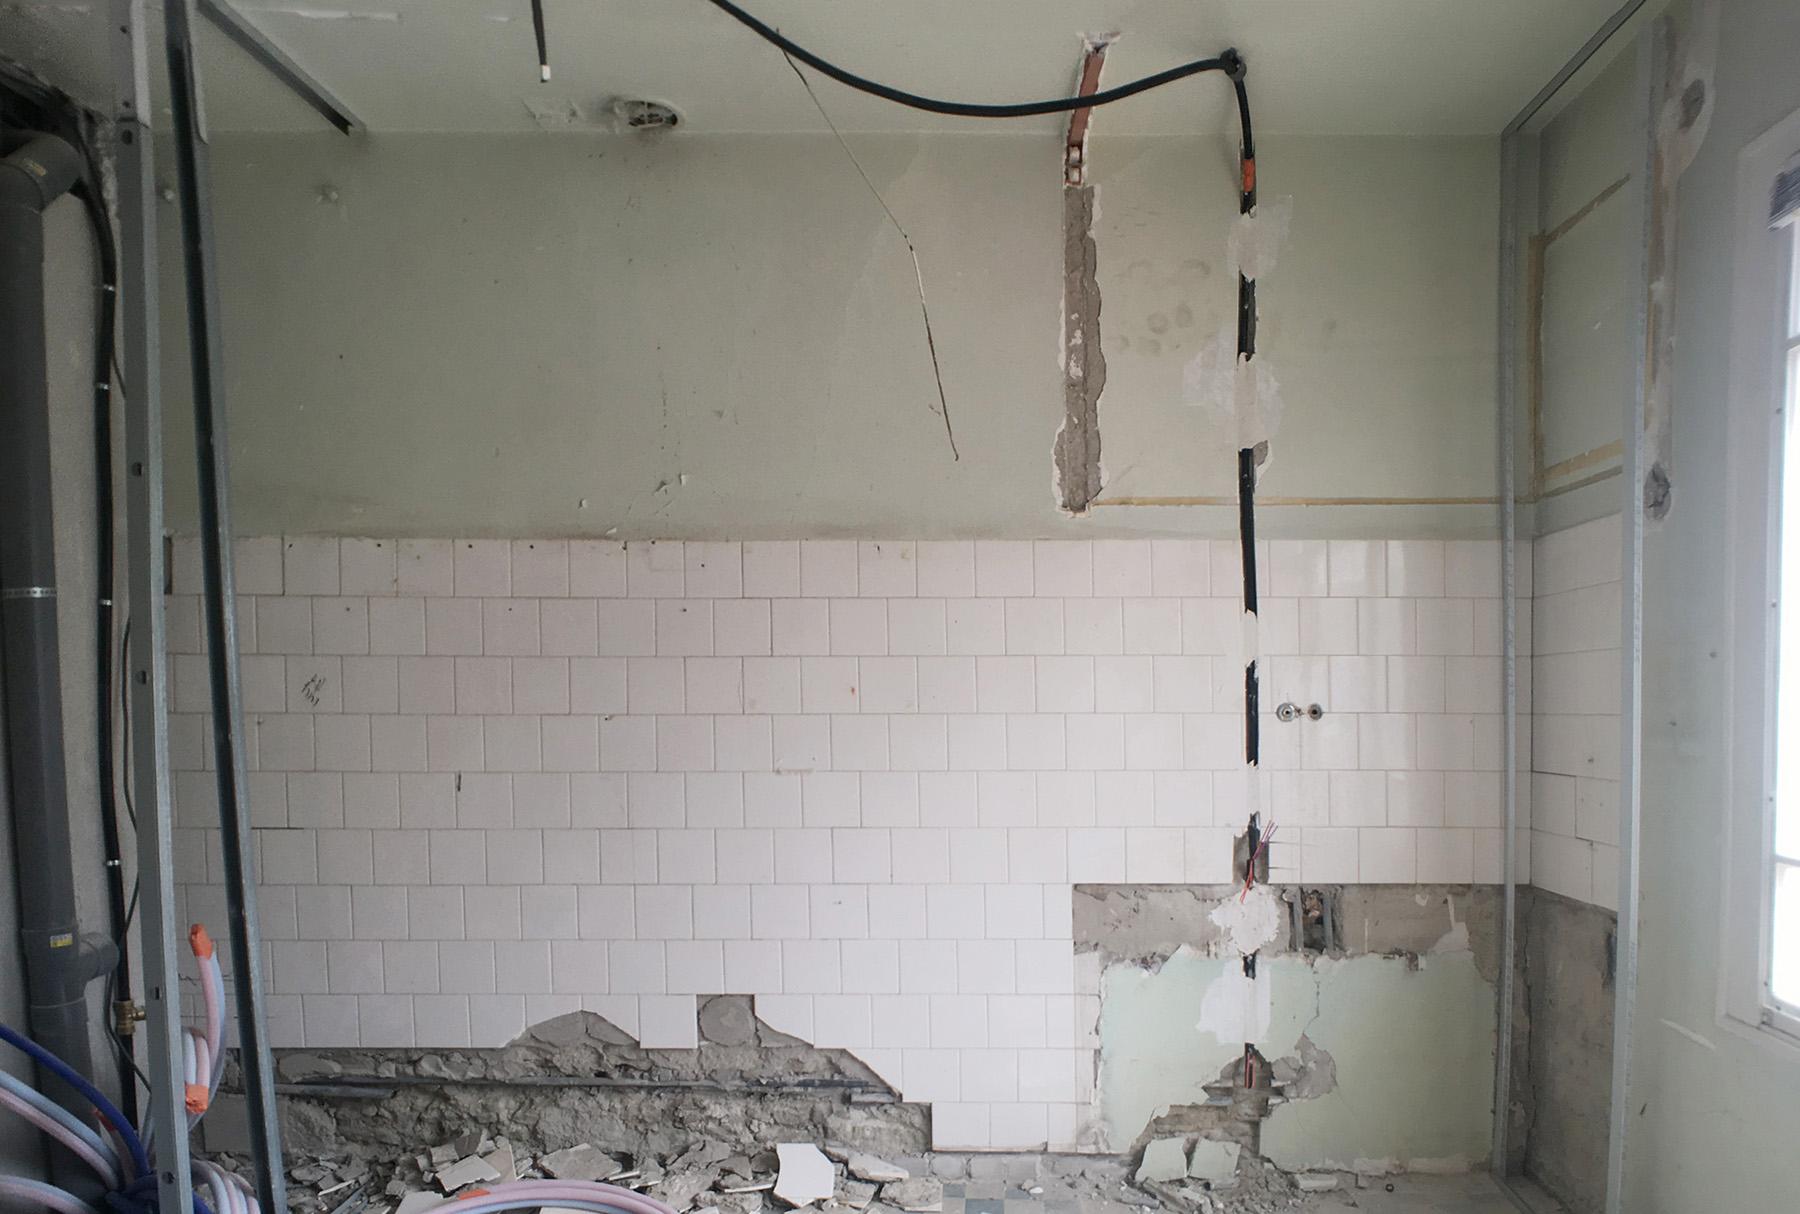 ancienne cuisine démolie pour y faire une nouvelle chambre